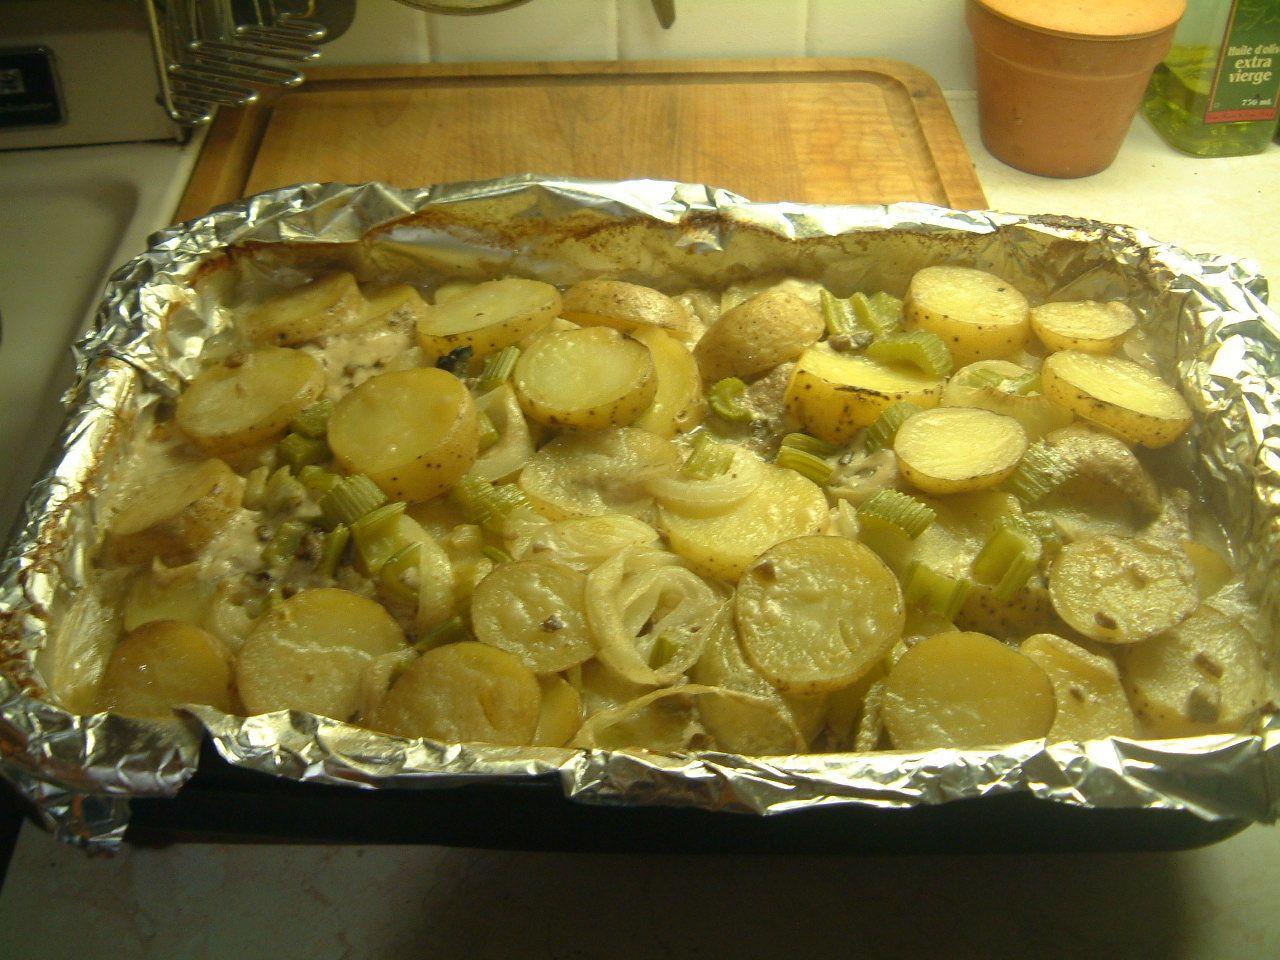 Campbells soup pork chop recipe